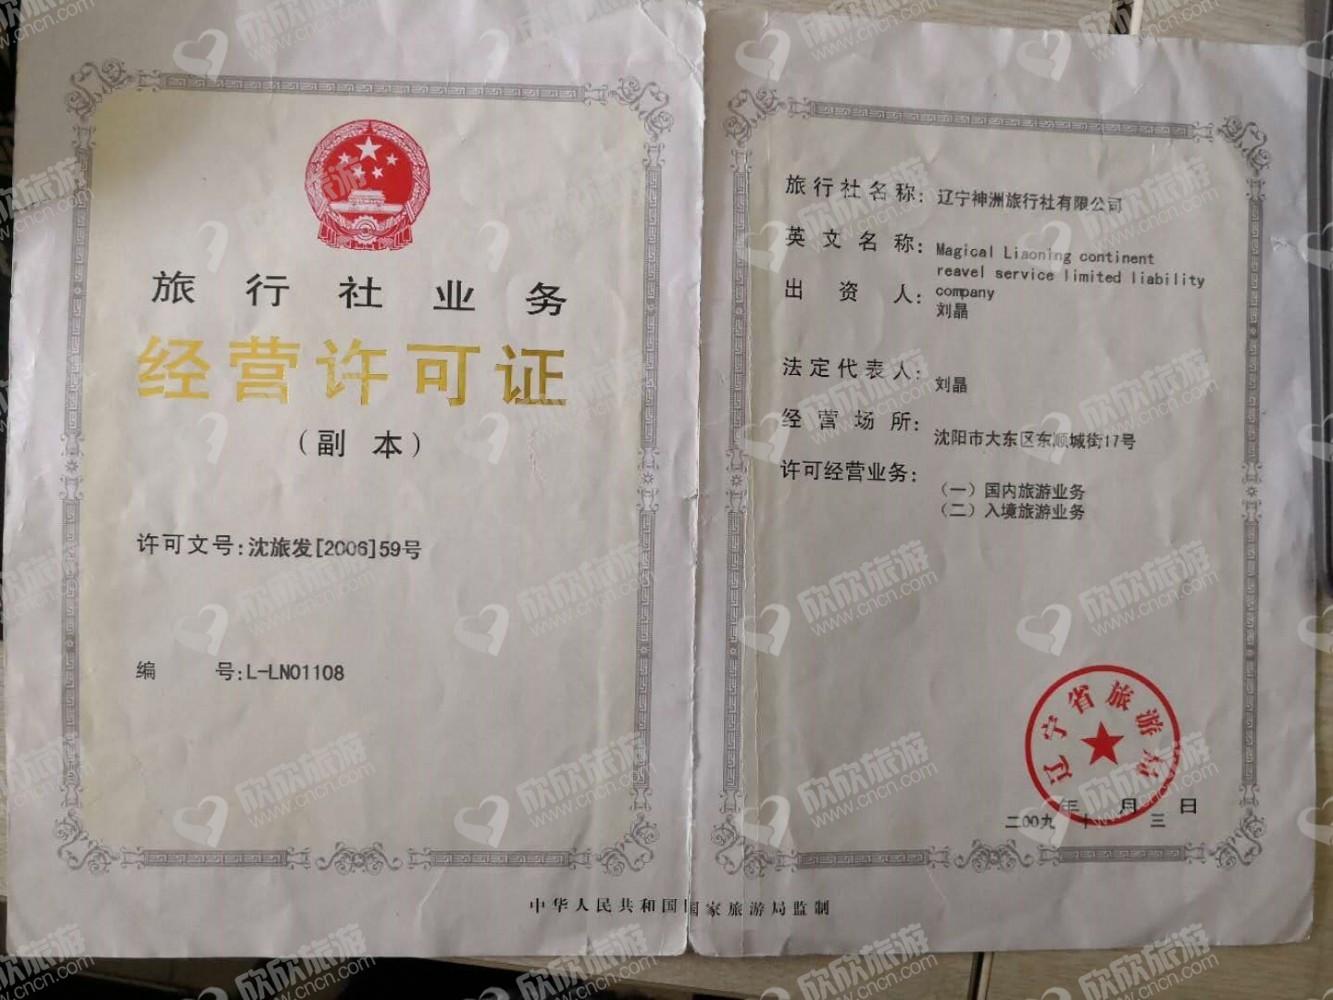 辽宁神洲旅行社有限公司铁西门市部经营许可证